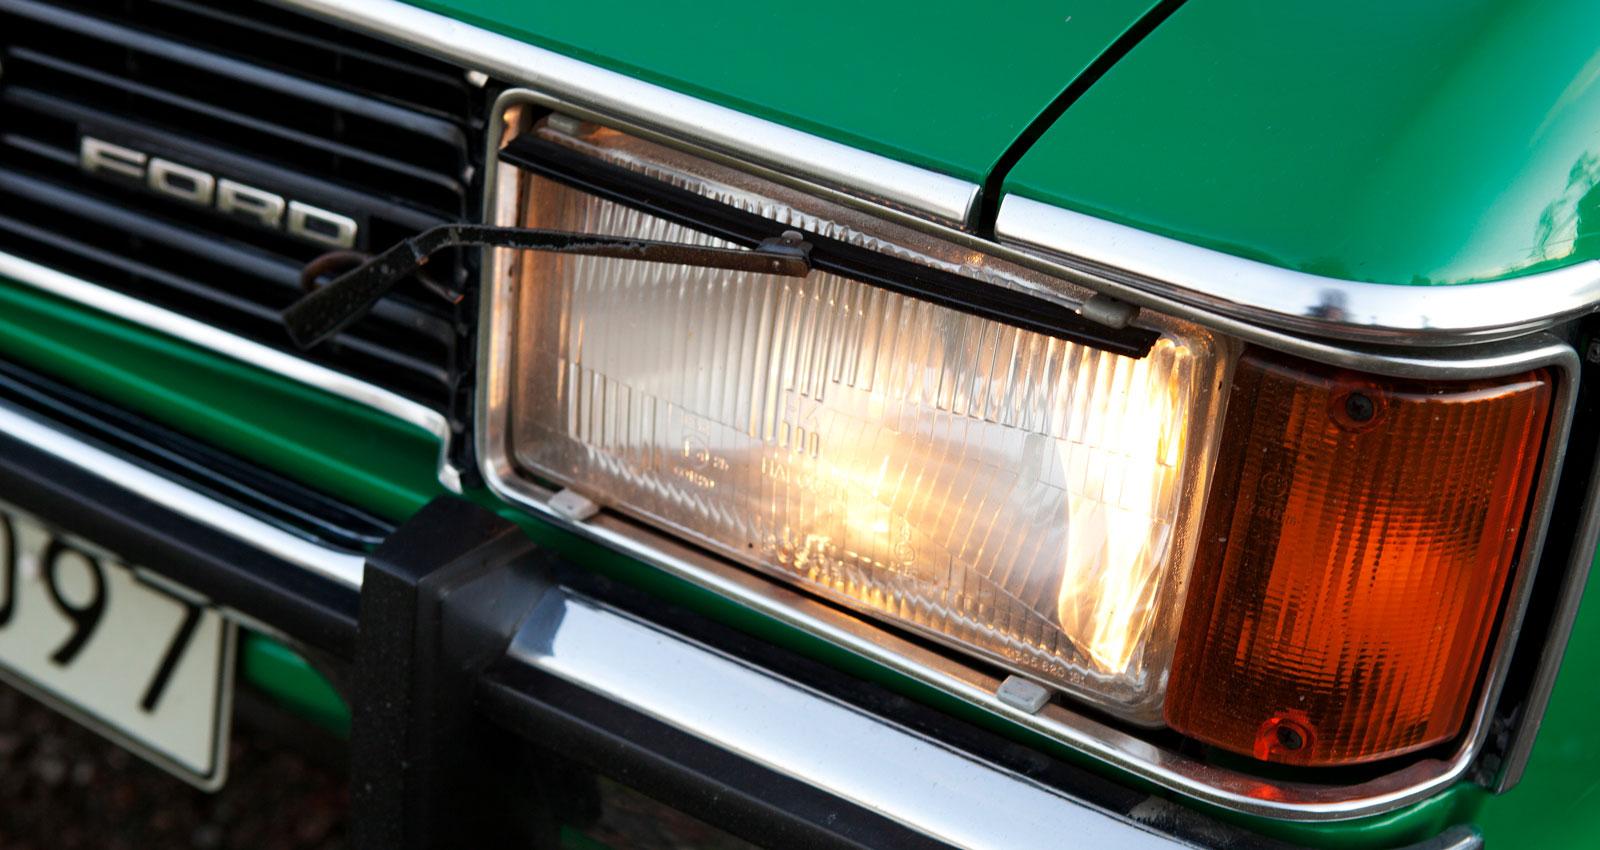 Sköngrön Ford Granada 2600 GL Coupé 1975